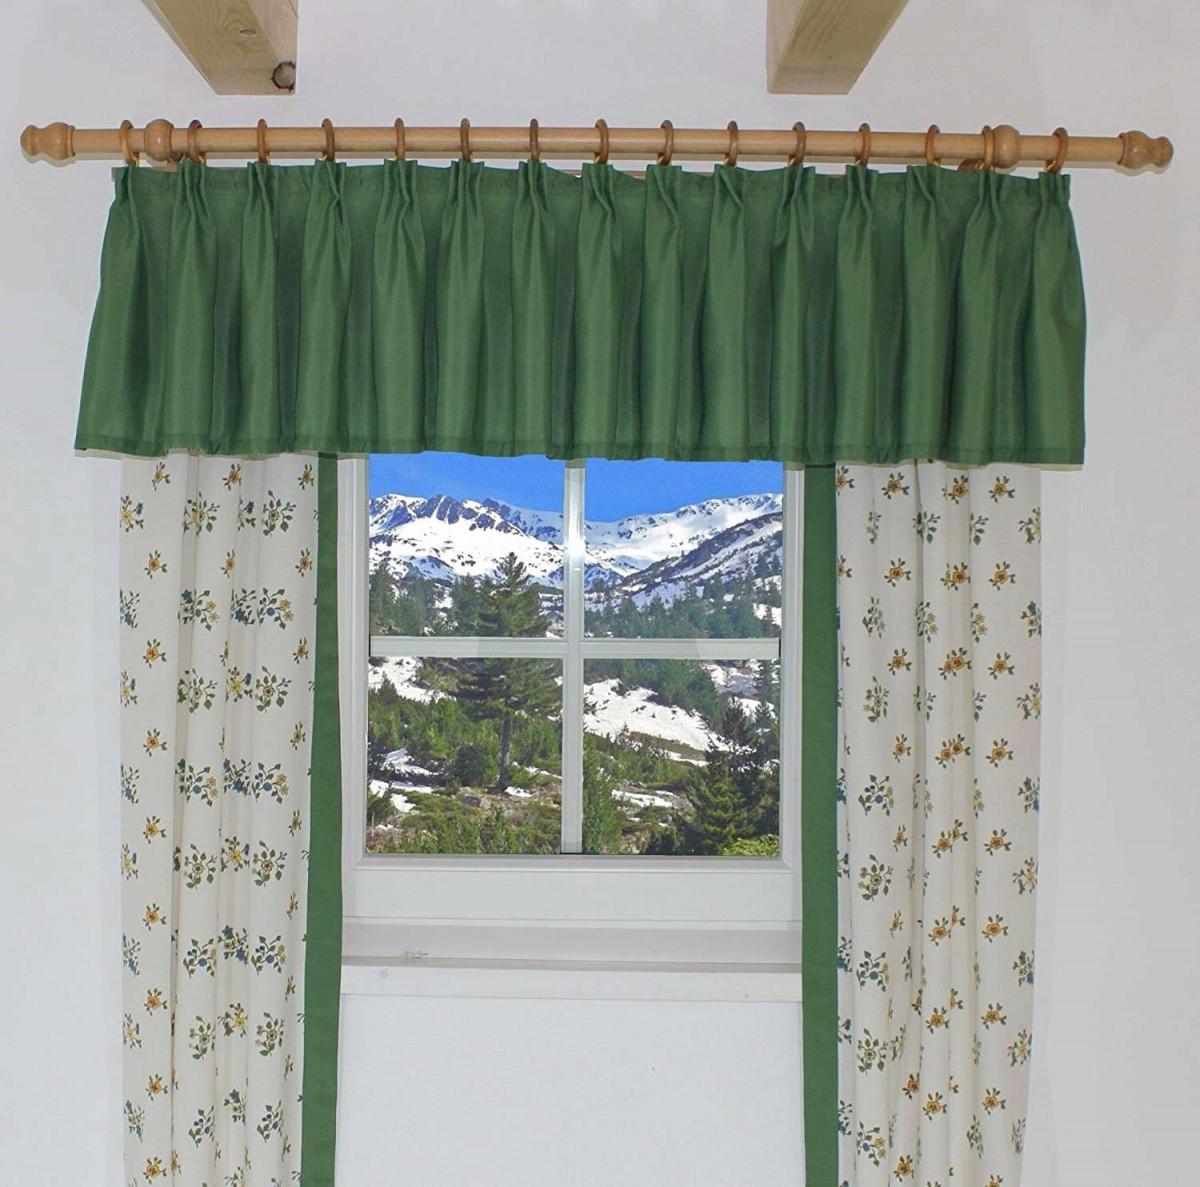 13 Inspirierend Bild Von Landhaus Gardinen Wohnzimmer von Gardinen Landhausstil Wohnzimmer Photo